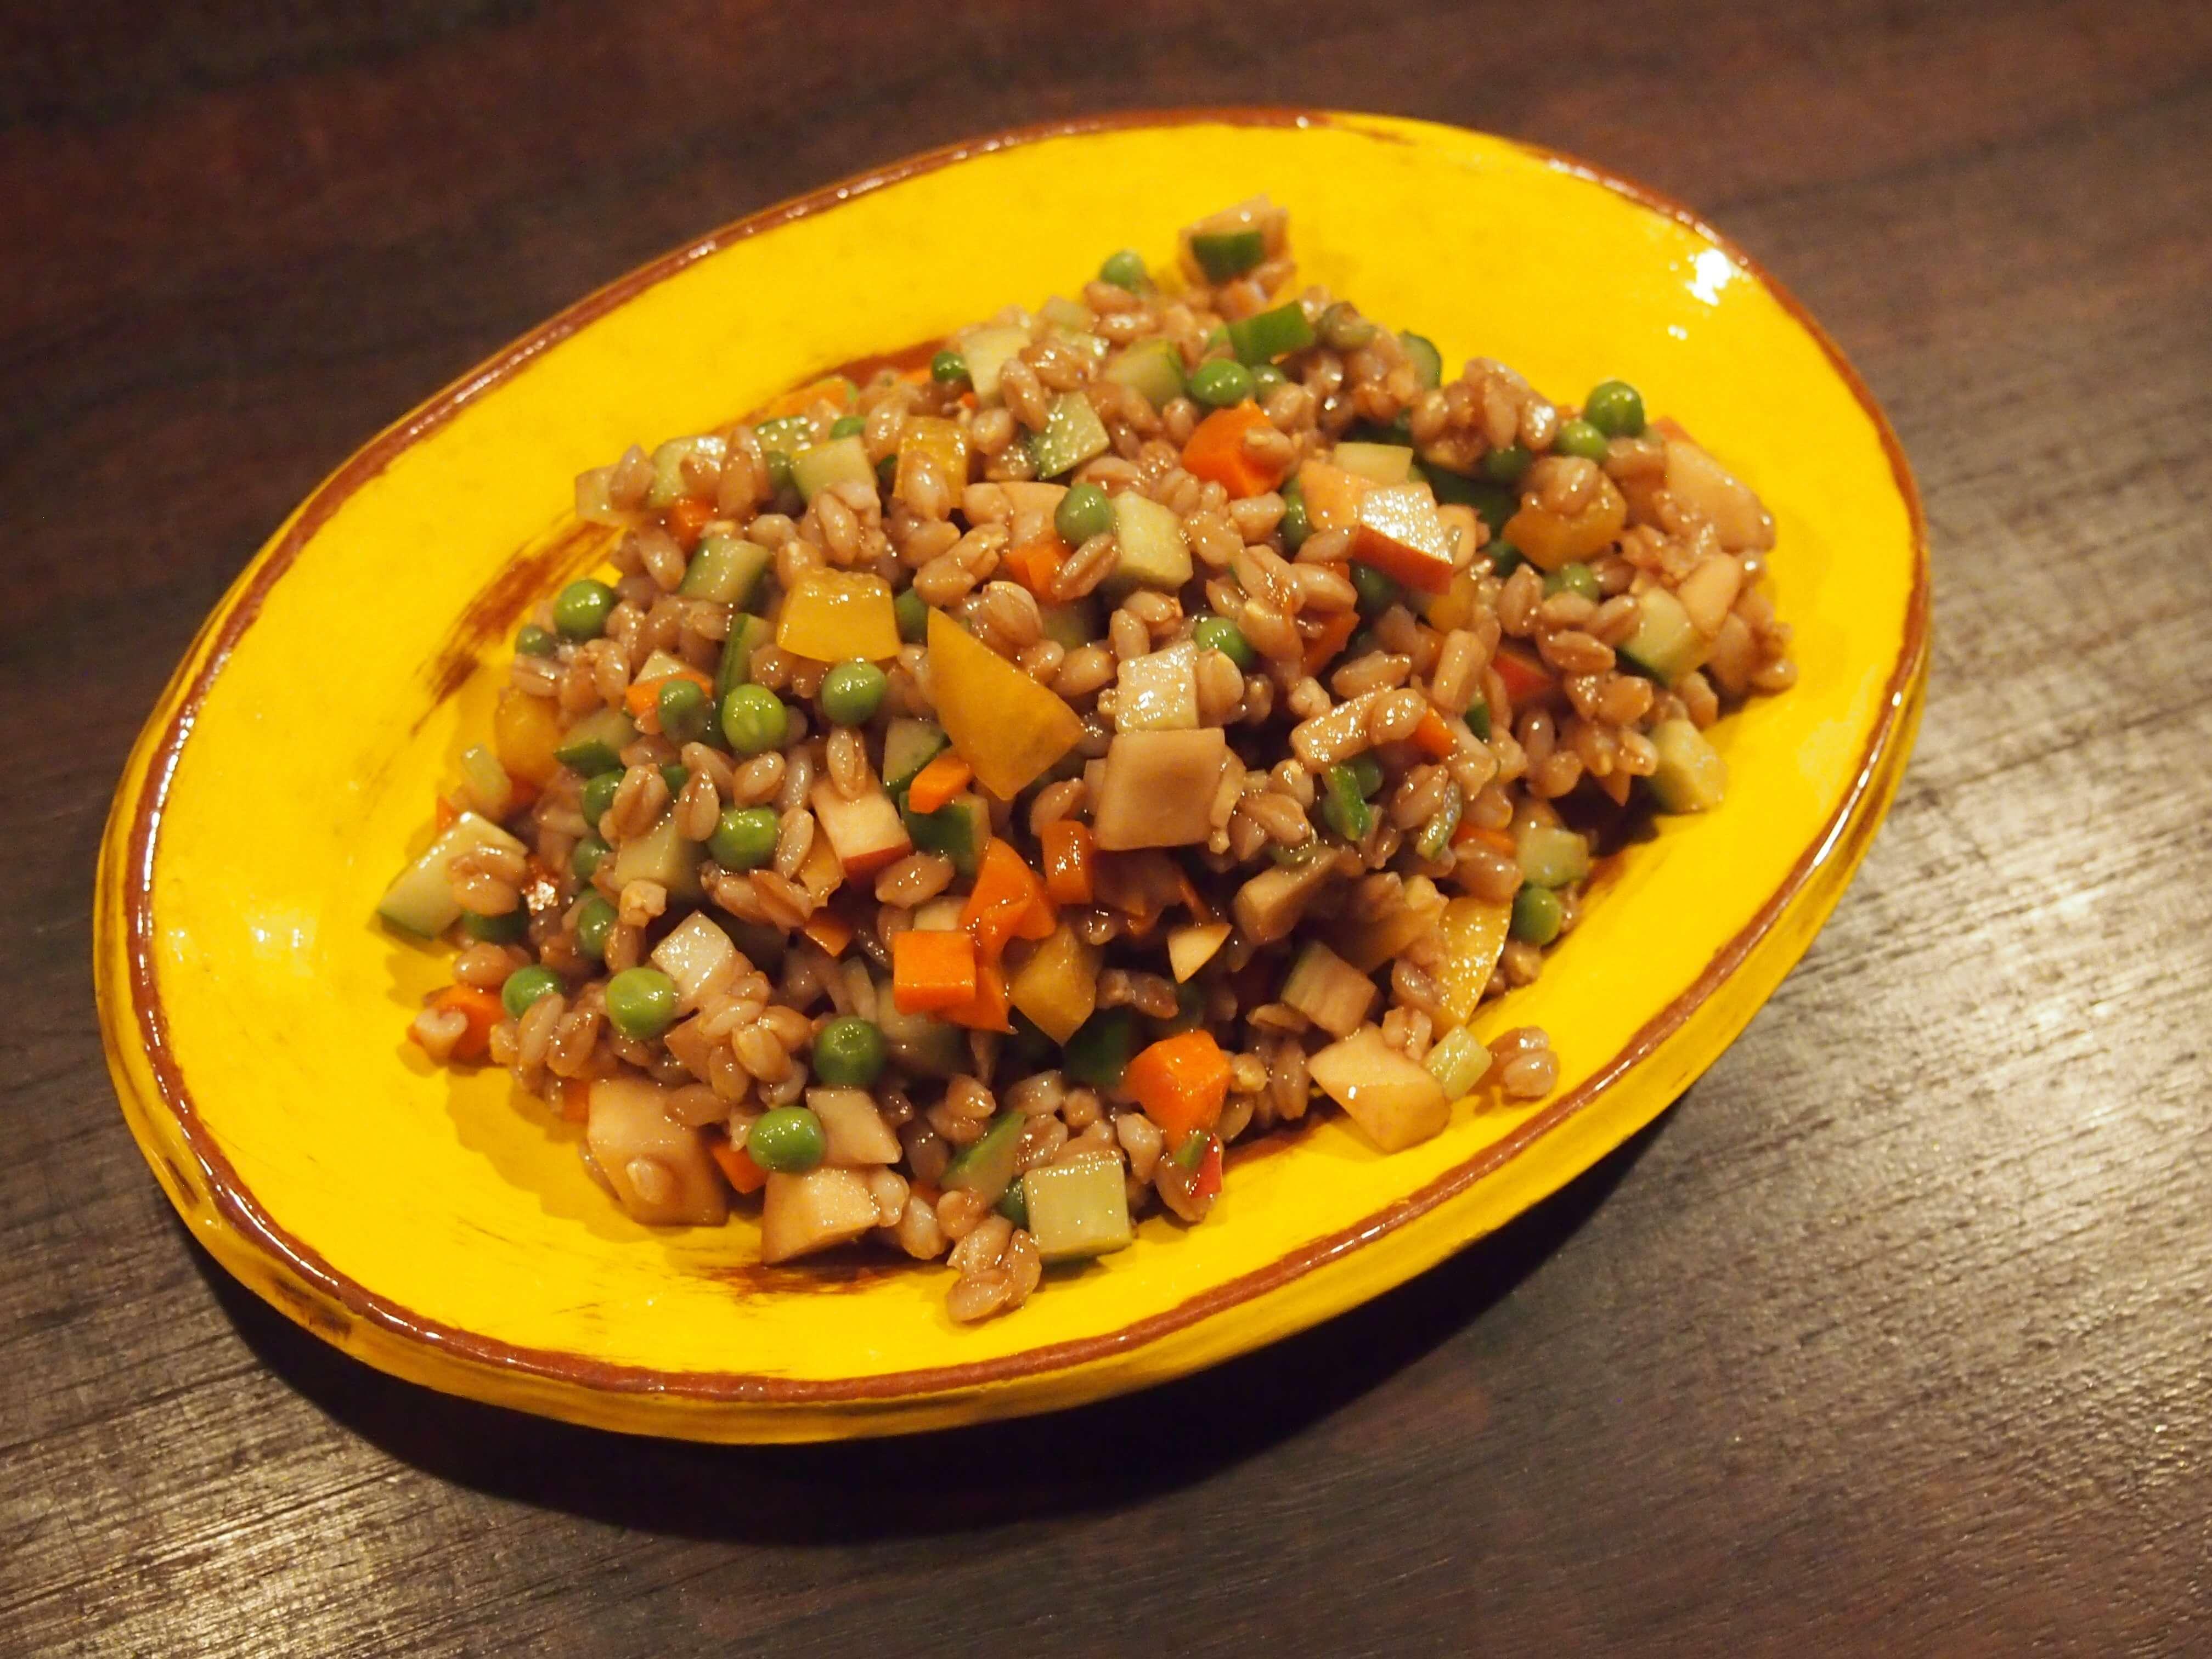 スペルト小麦のサラダ スペルト小麦は、現代の小麦の原種にあたる古代穀物です。茹でたスペルト小麦と小さくカットした野菜と和えたヘルシーメニュー。野菜をしっかり摂りたい時に。